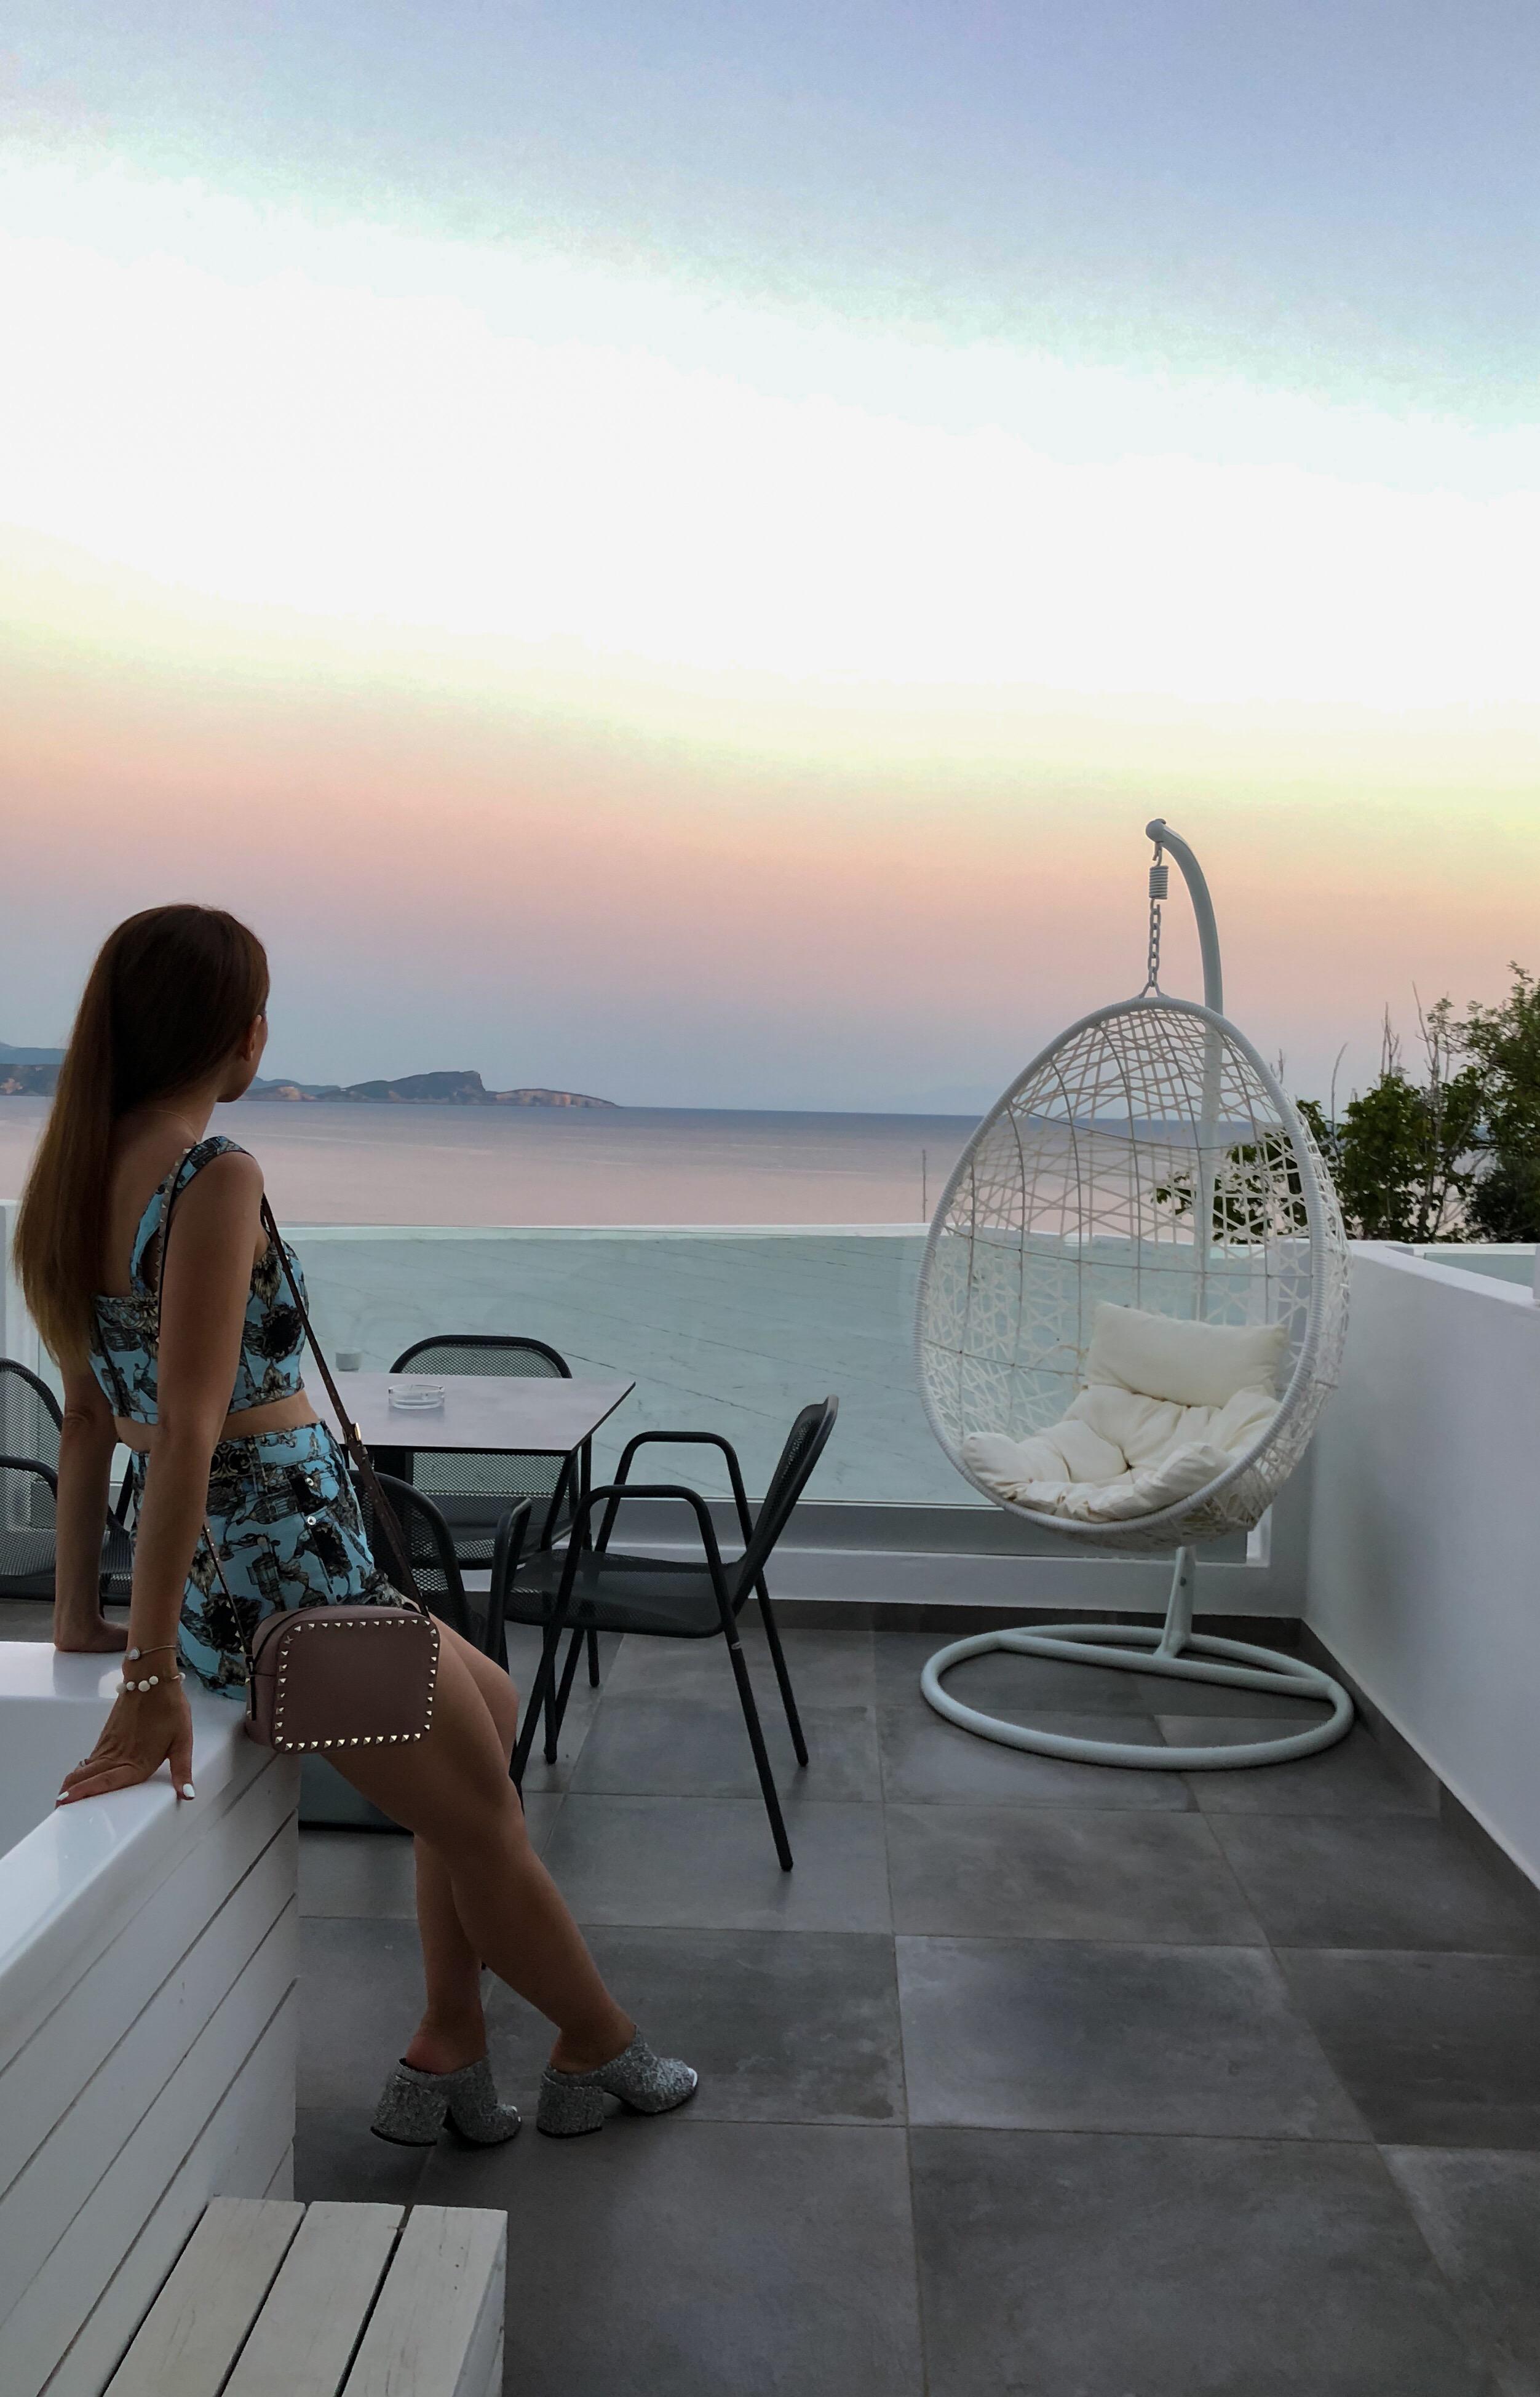 lichnos beach , parga, MM6 Maison Margiela, River Island , Co-ord, 3